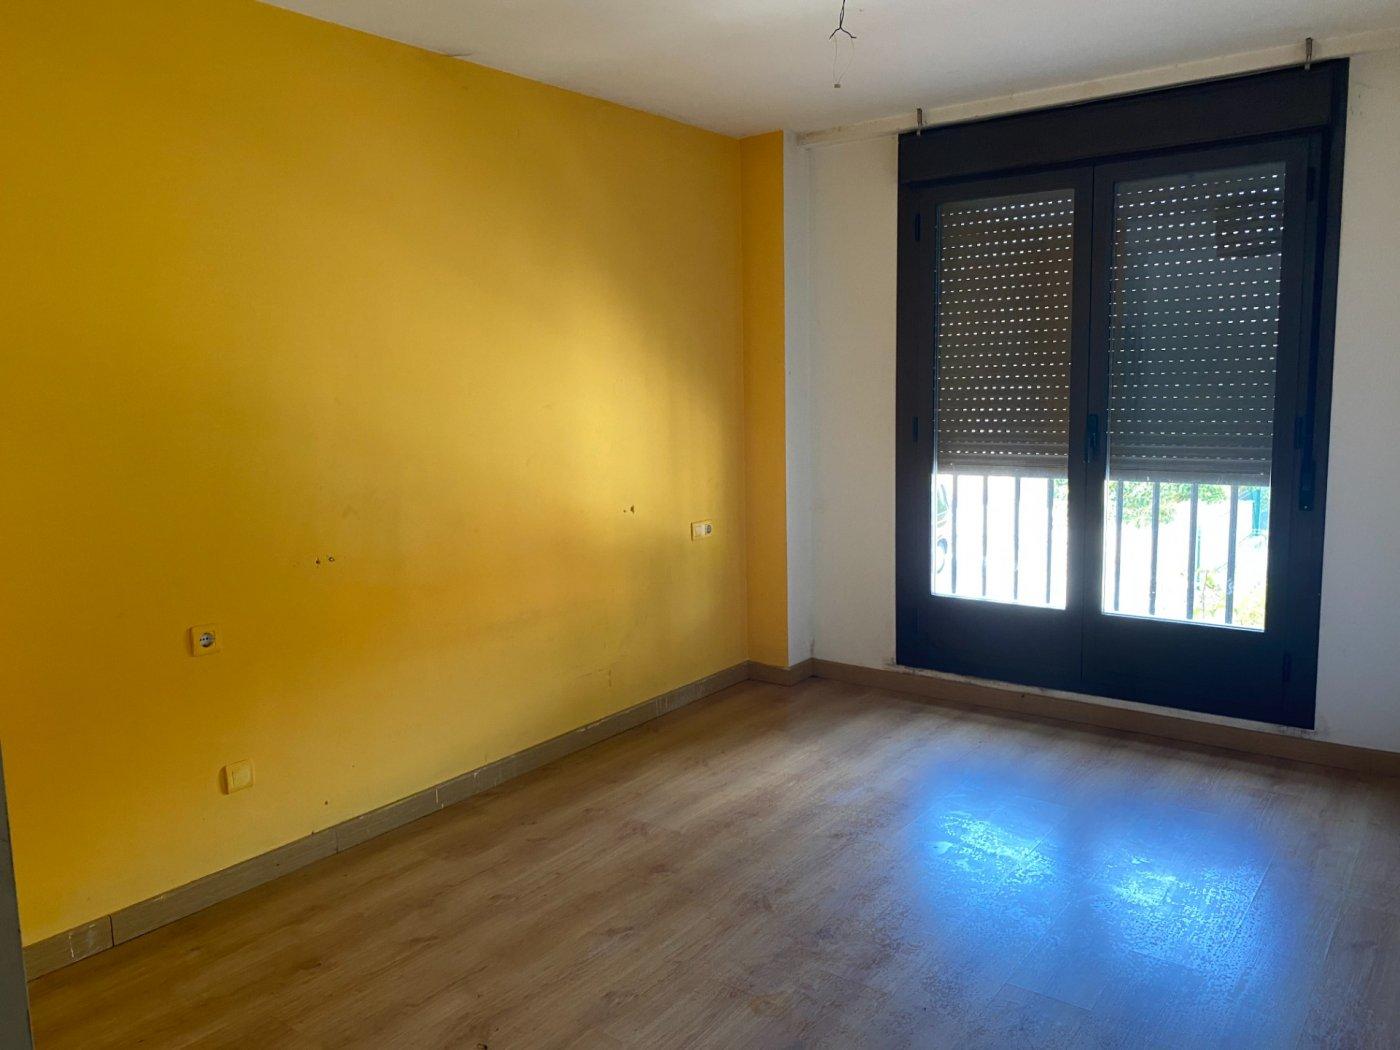 Casa en venta en Enériz/Eneritz